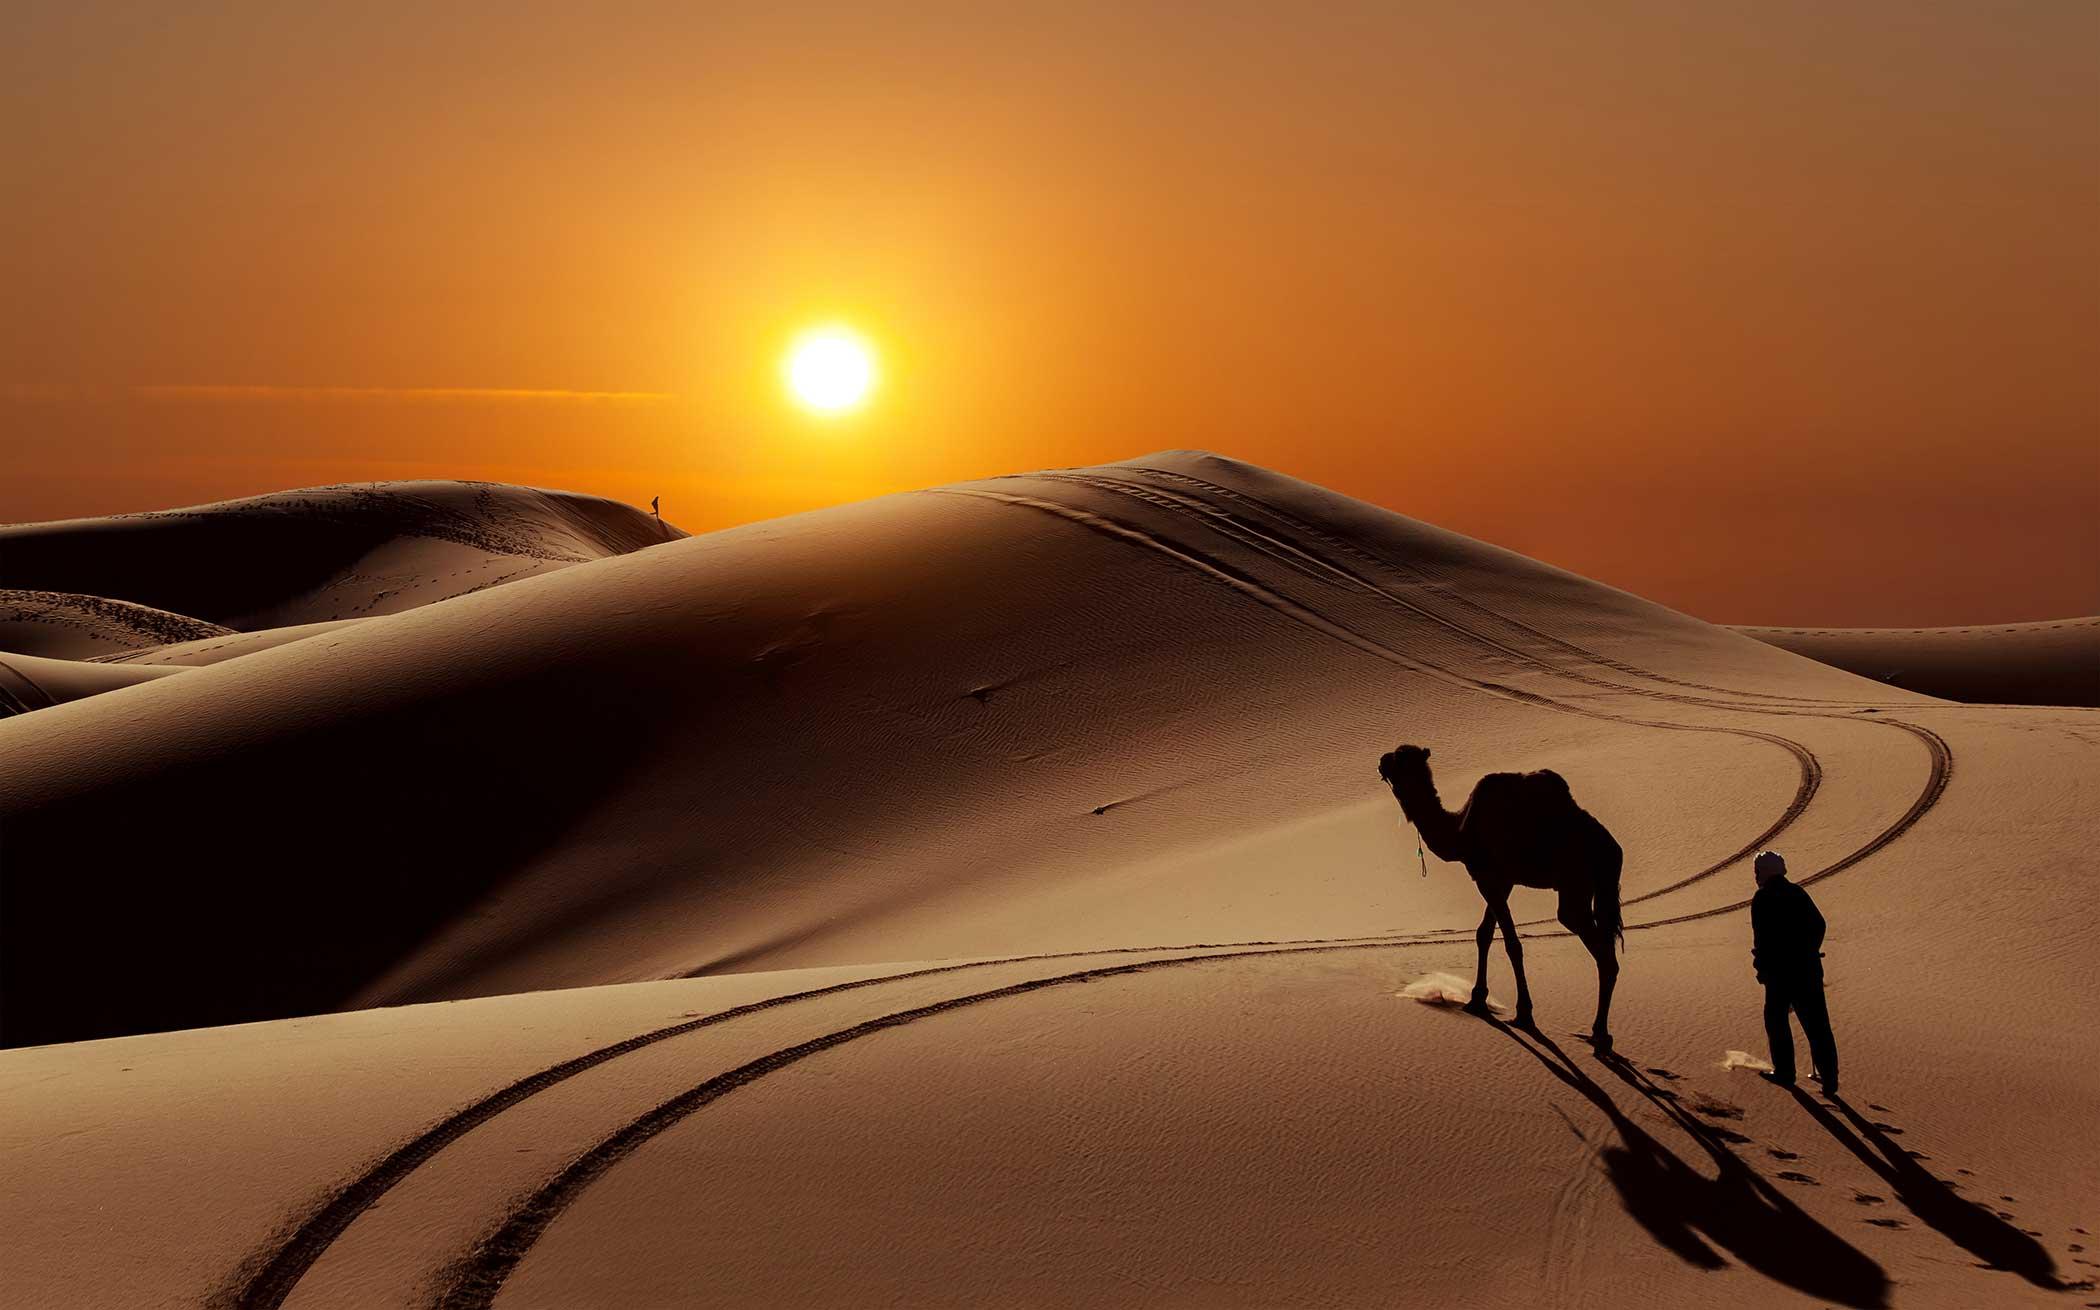 Le voyageur qui termine le Ramadan et se rend à un autre pays dont les habitants sont encore en jeûne